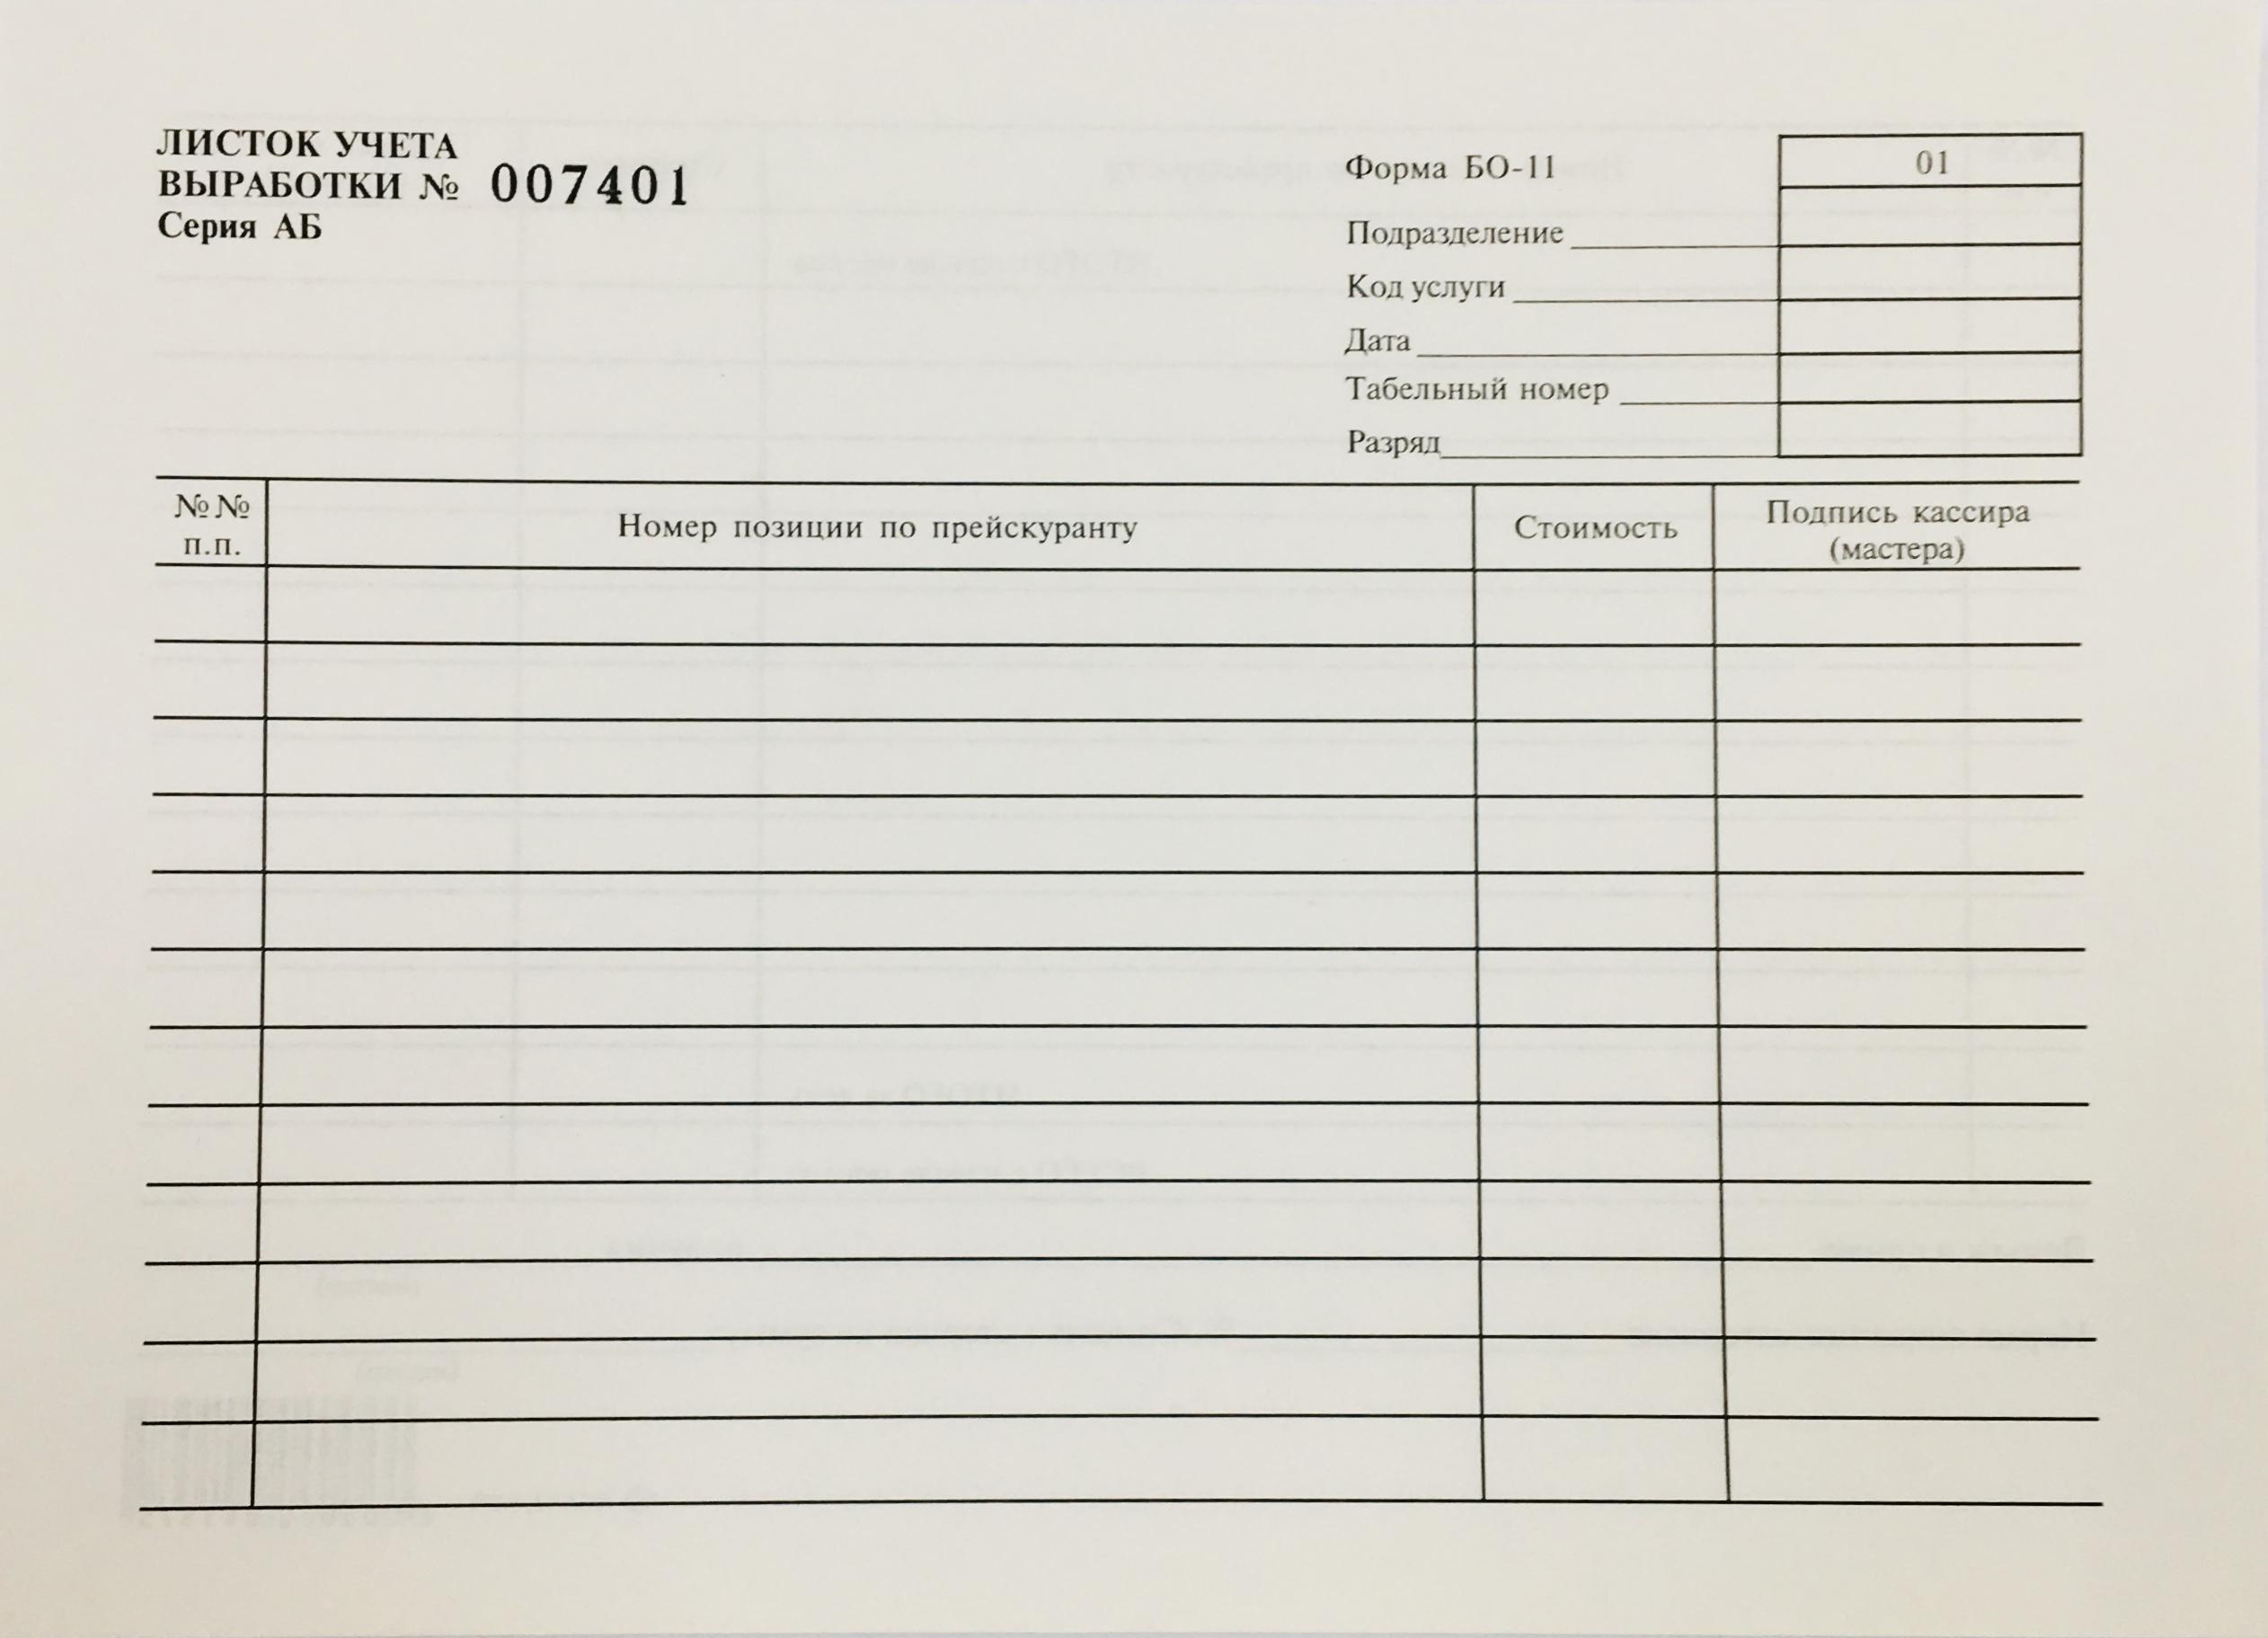 Бланки строгой отчетности БО-11 листок